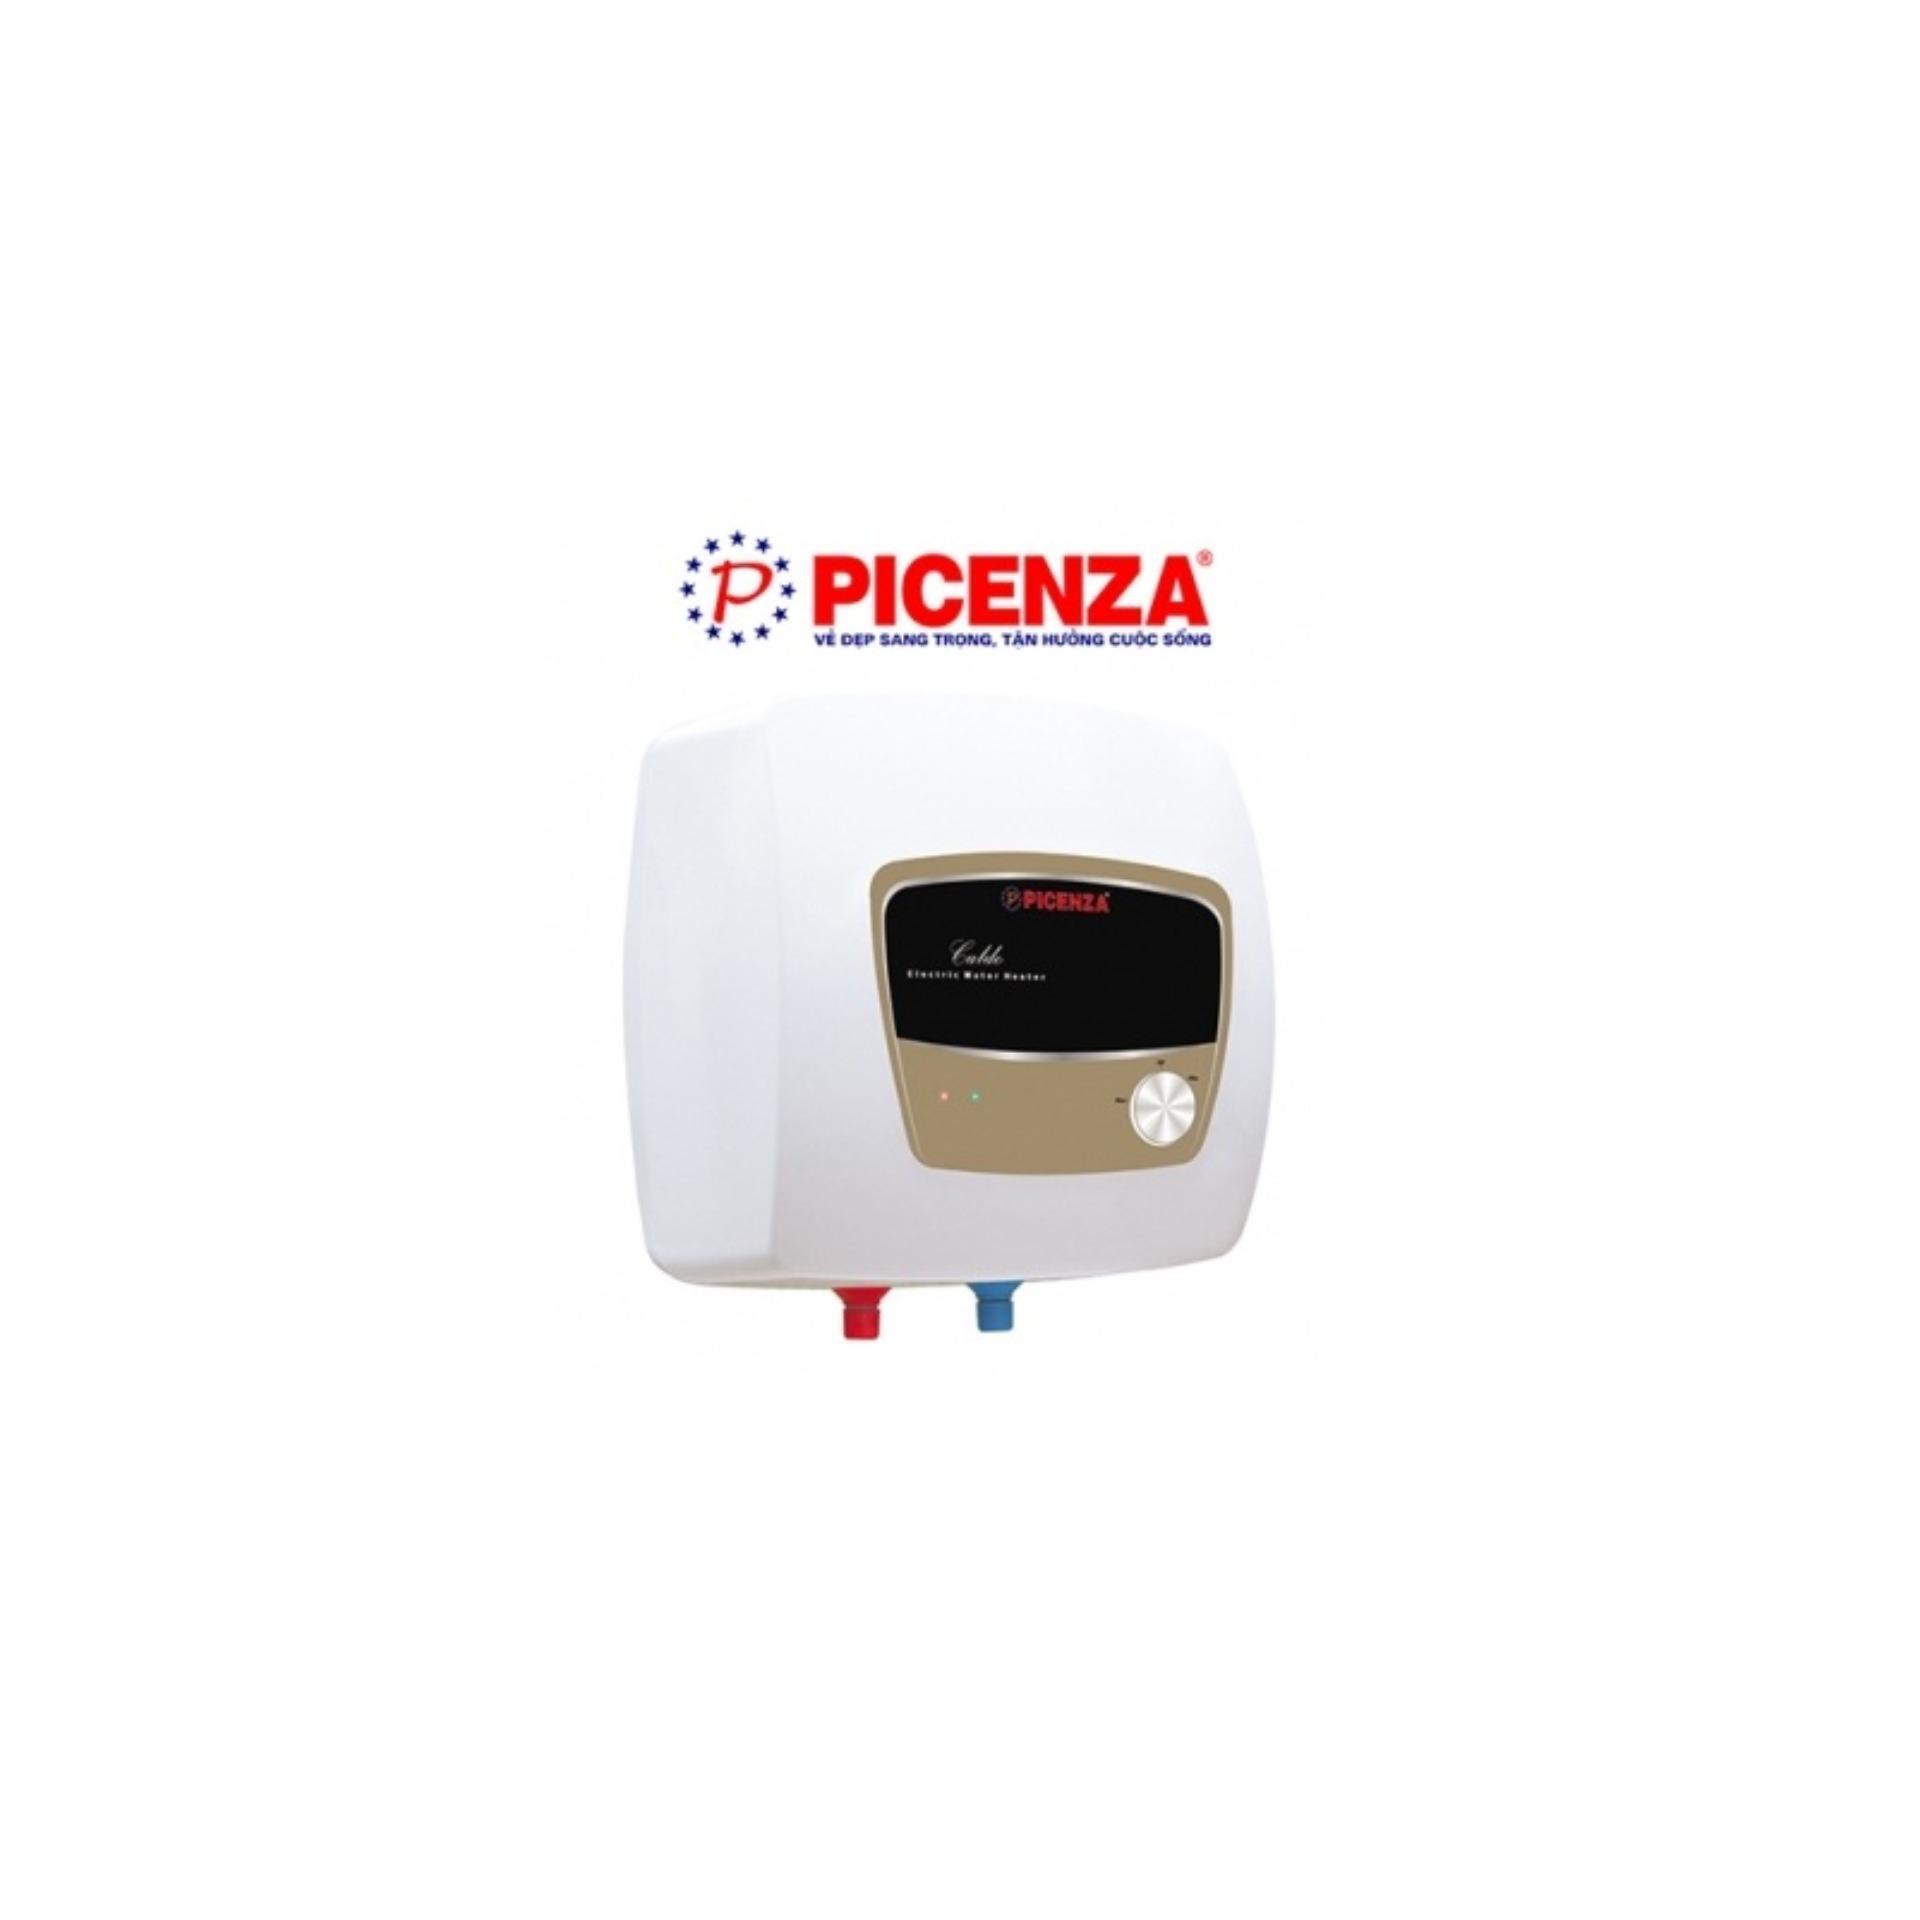 Bảng giá Bình nóng lạnh picenza 15l